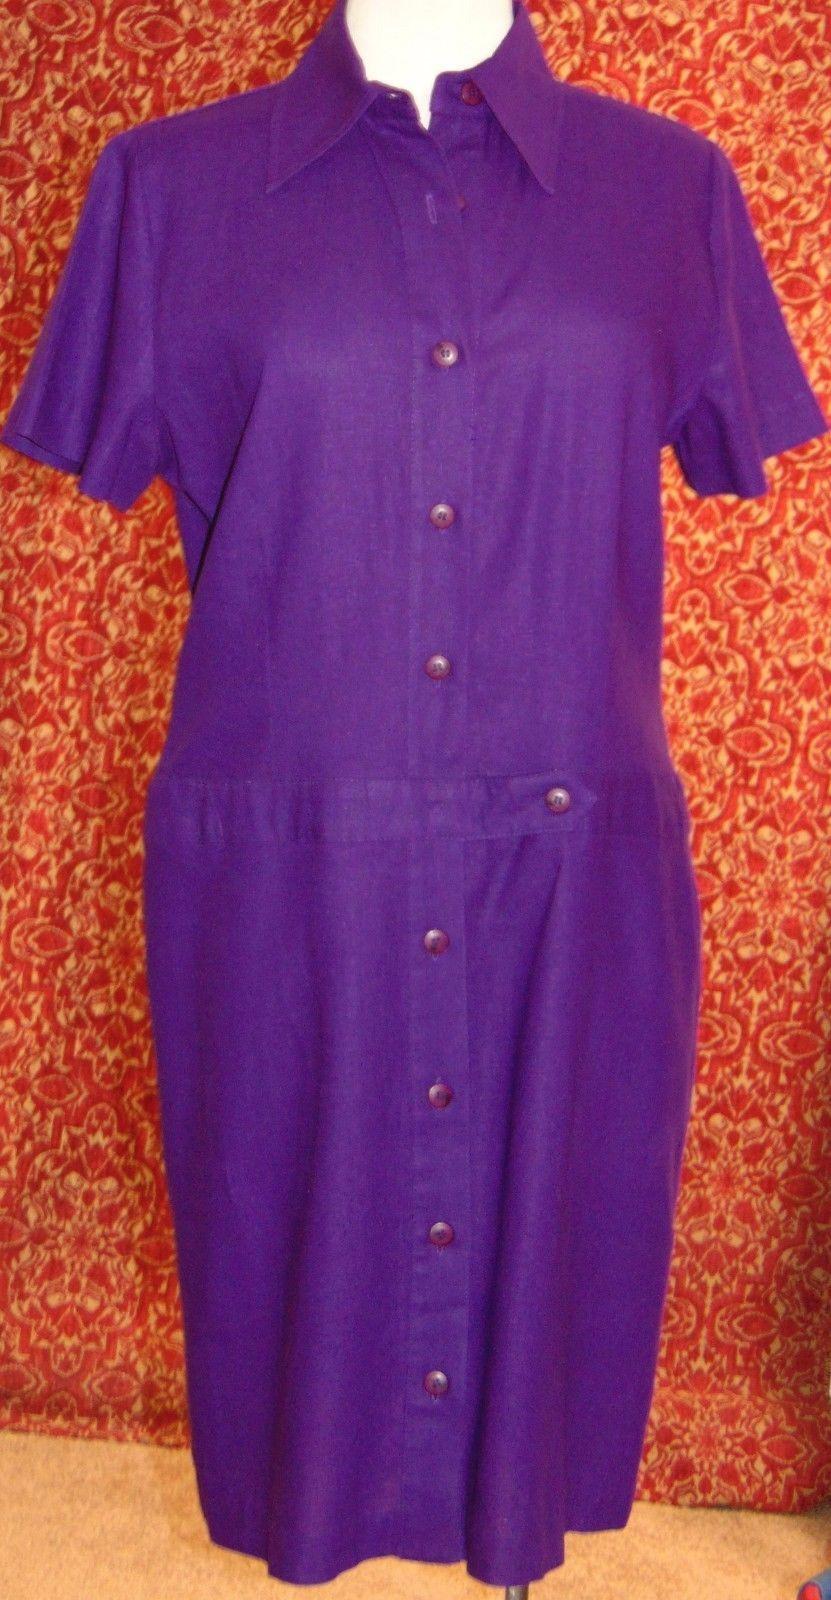 R & K ORIGINALS VINTAGE 80's purple button shirt dress M L (T11-0DH6G), used for sale  USA